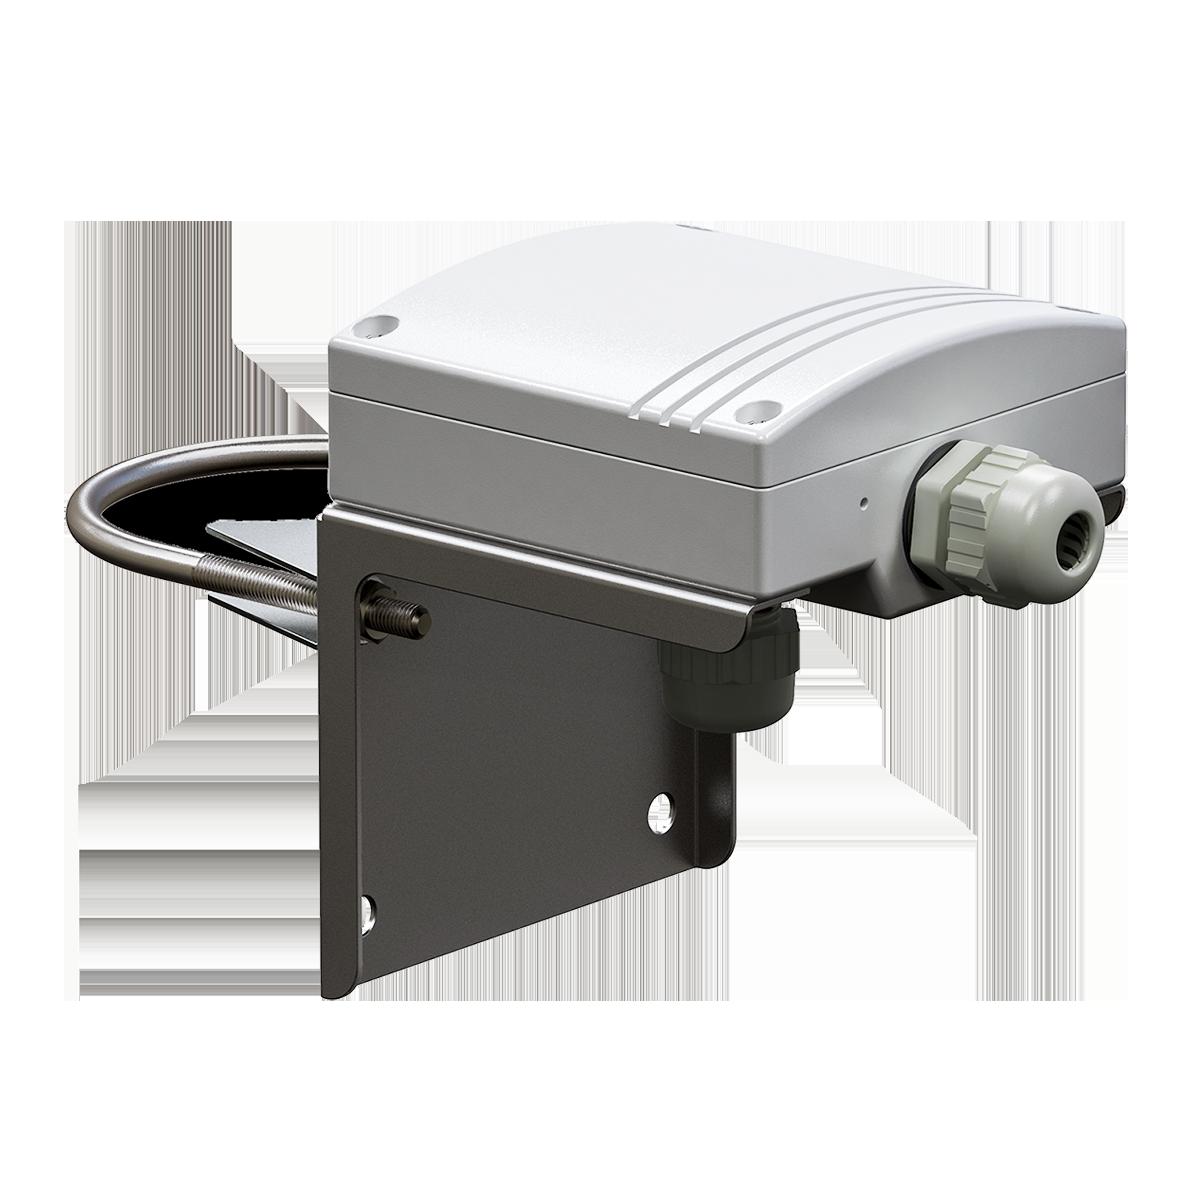 КК-01 клеммная коробка для подключения погружных уровнемеров и подвесных сигнализаторов уровня